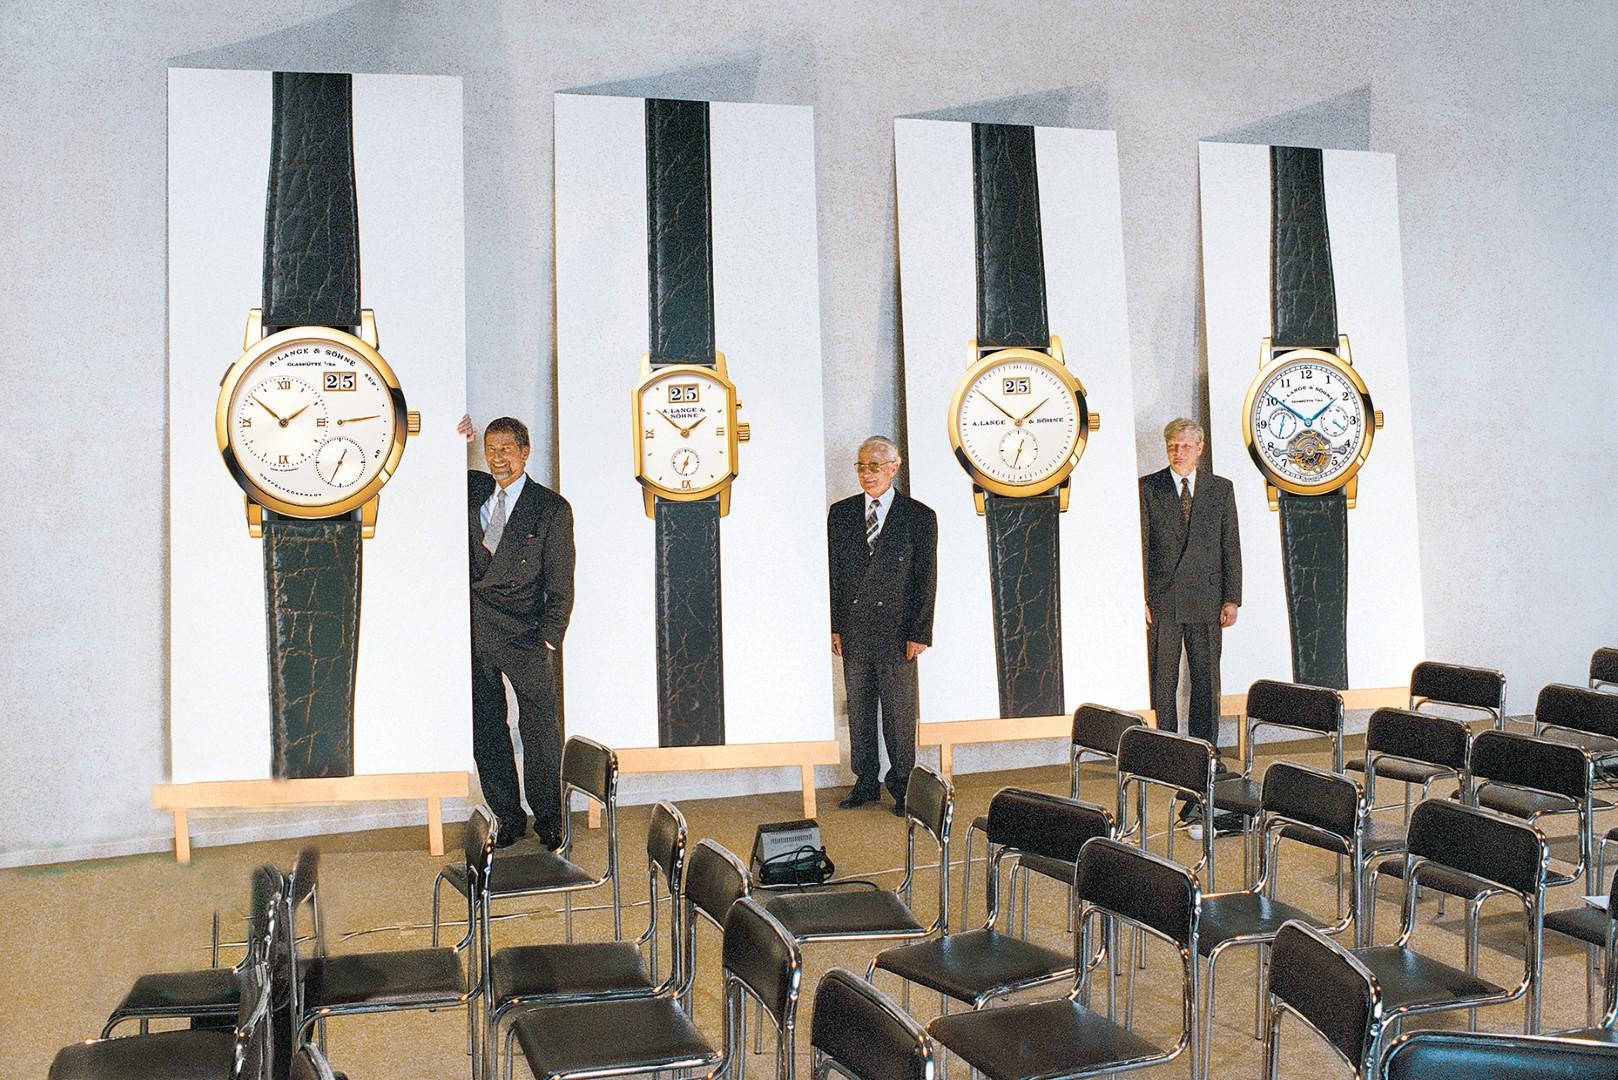 Presentación de la primera colección de la renacida A. Lange & Söhne en 1994